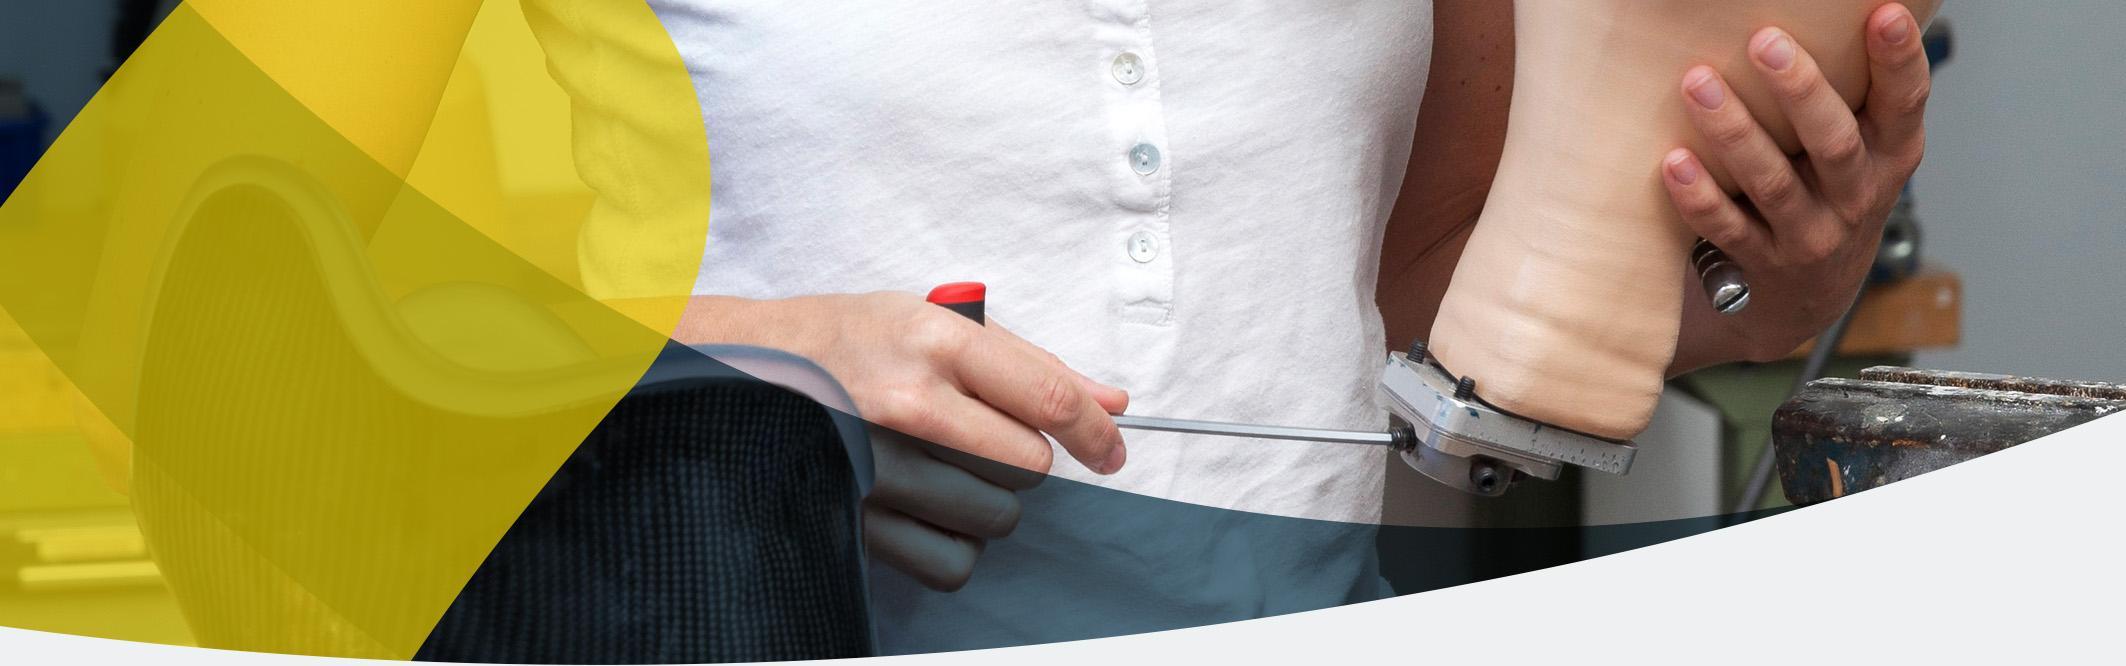 APT Prothesen arbeitet eng zusammen mit Herstellern & der Industrie